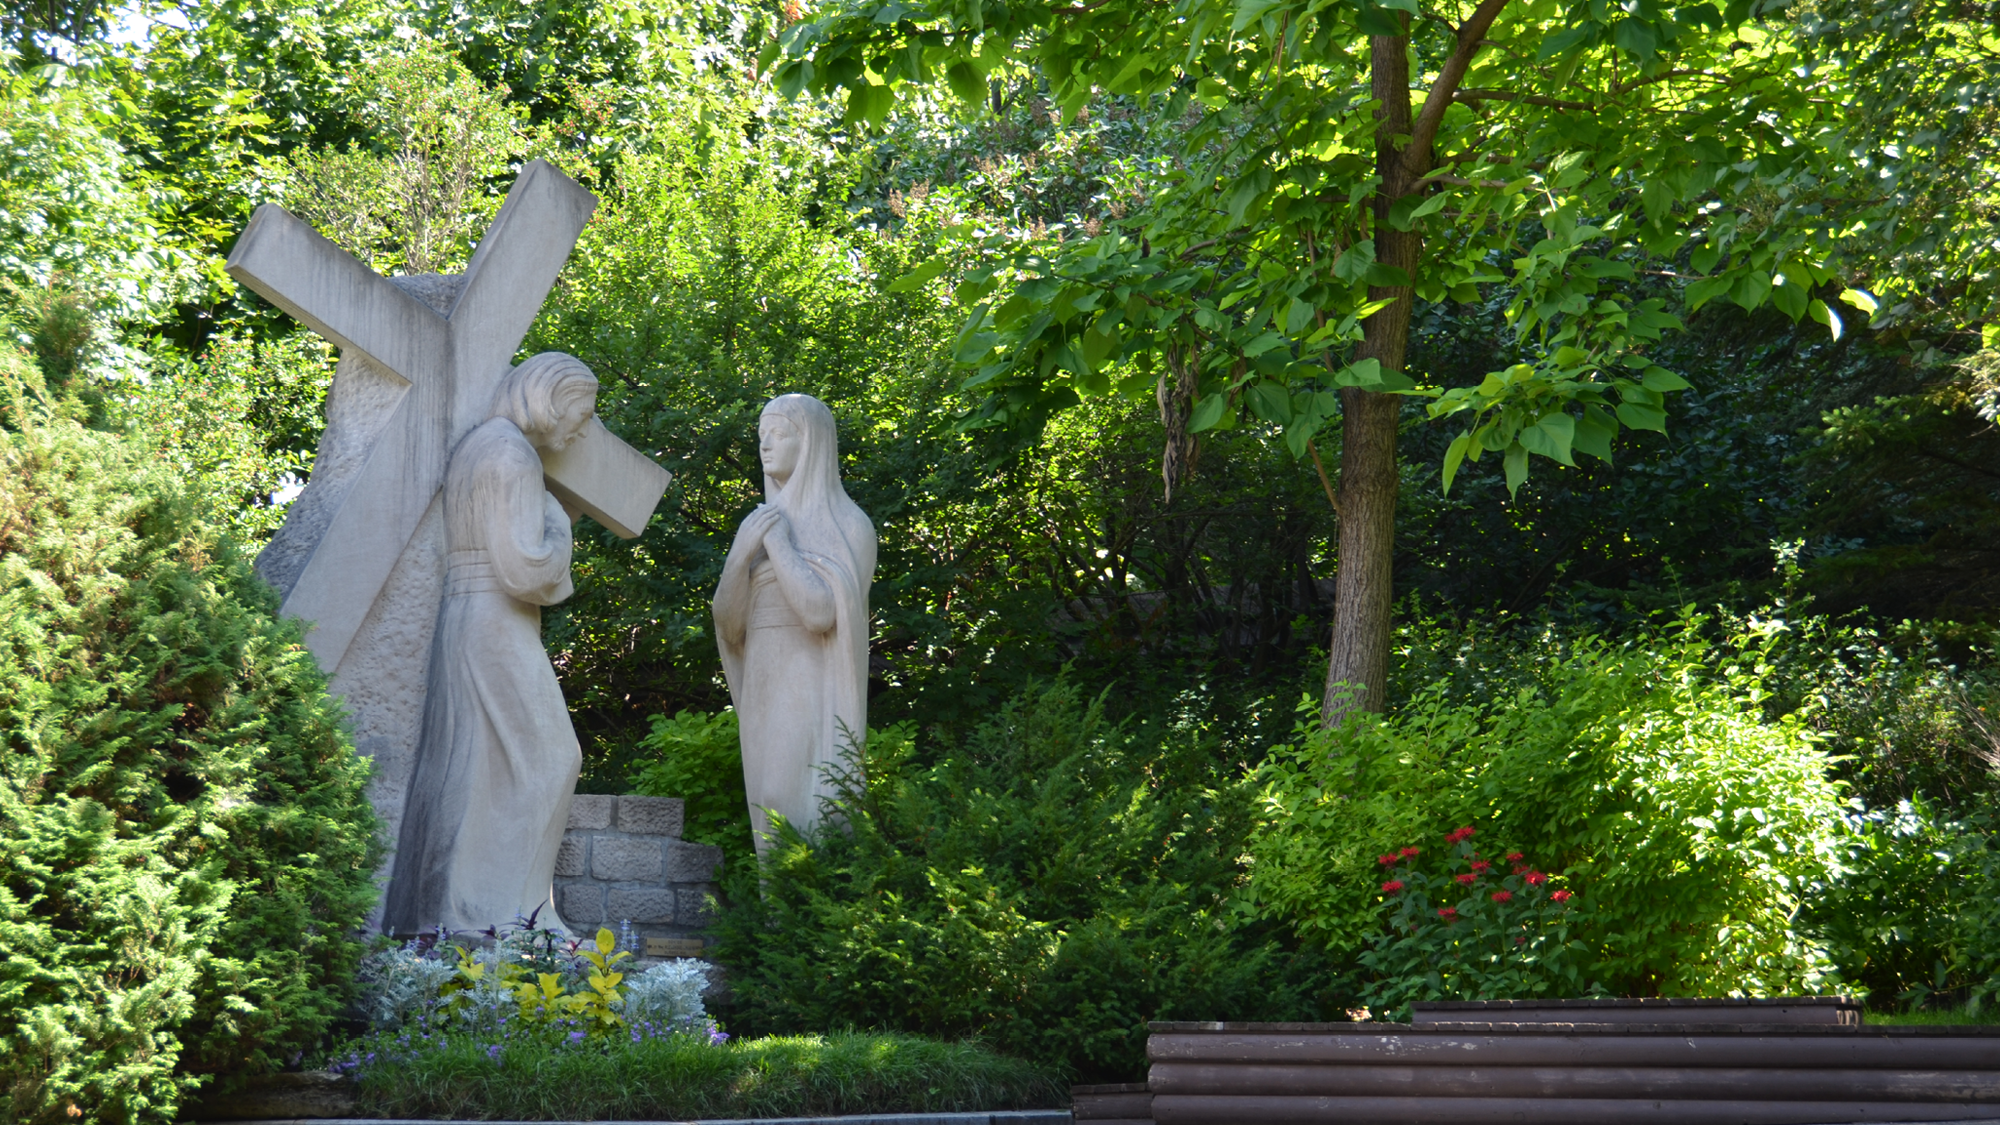 Marie, au cœur de nos souffrances